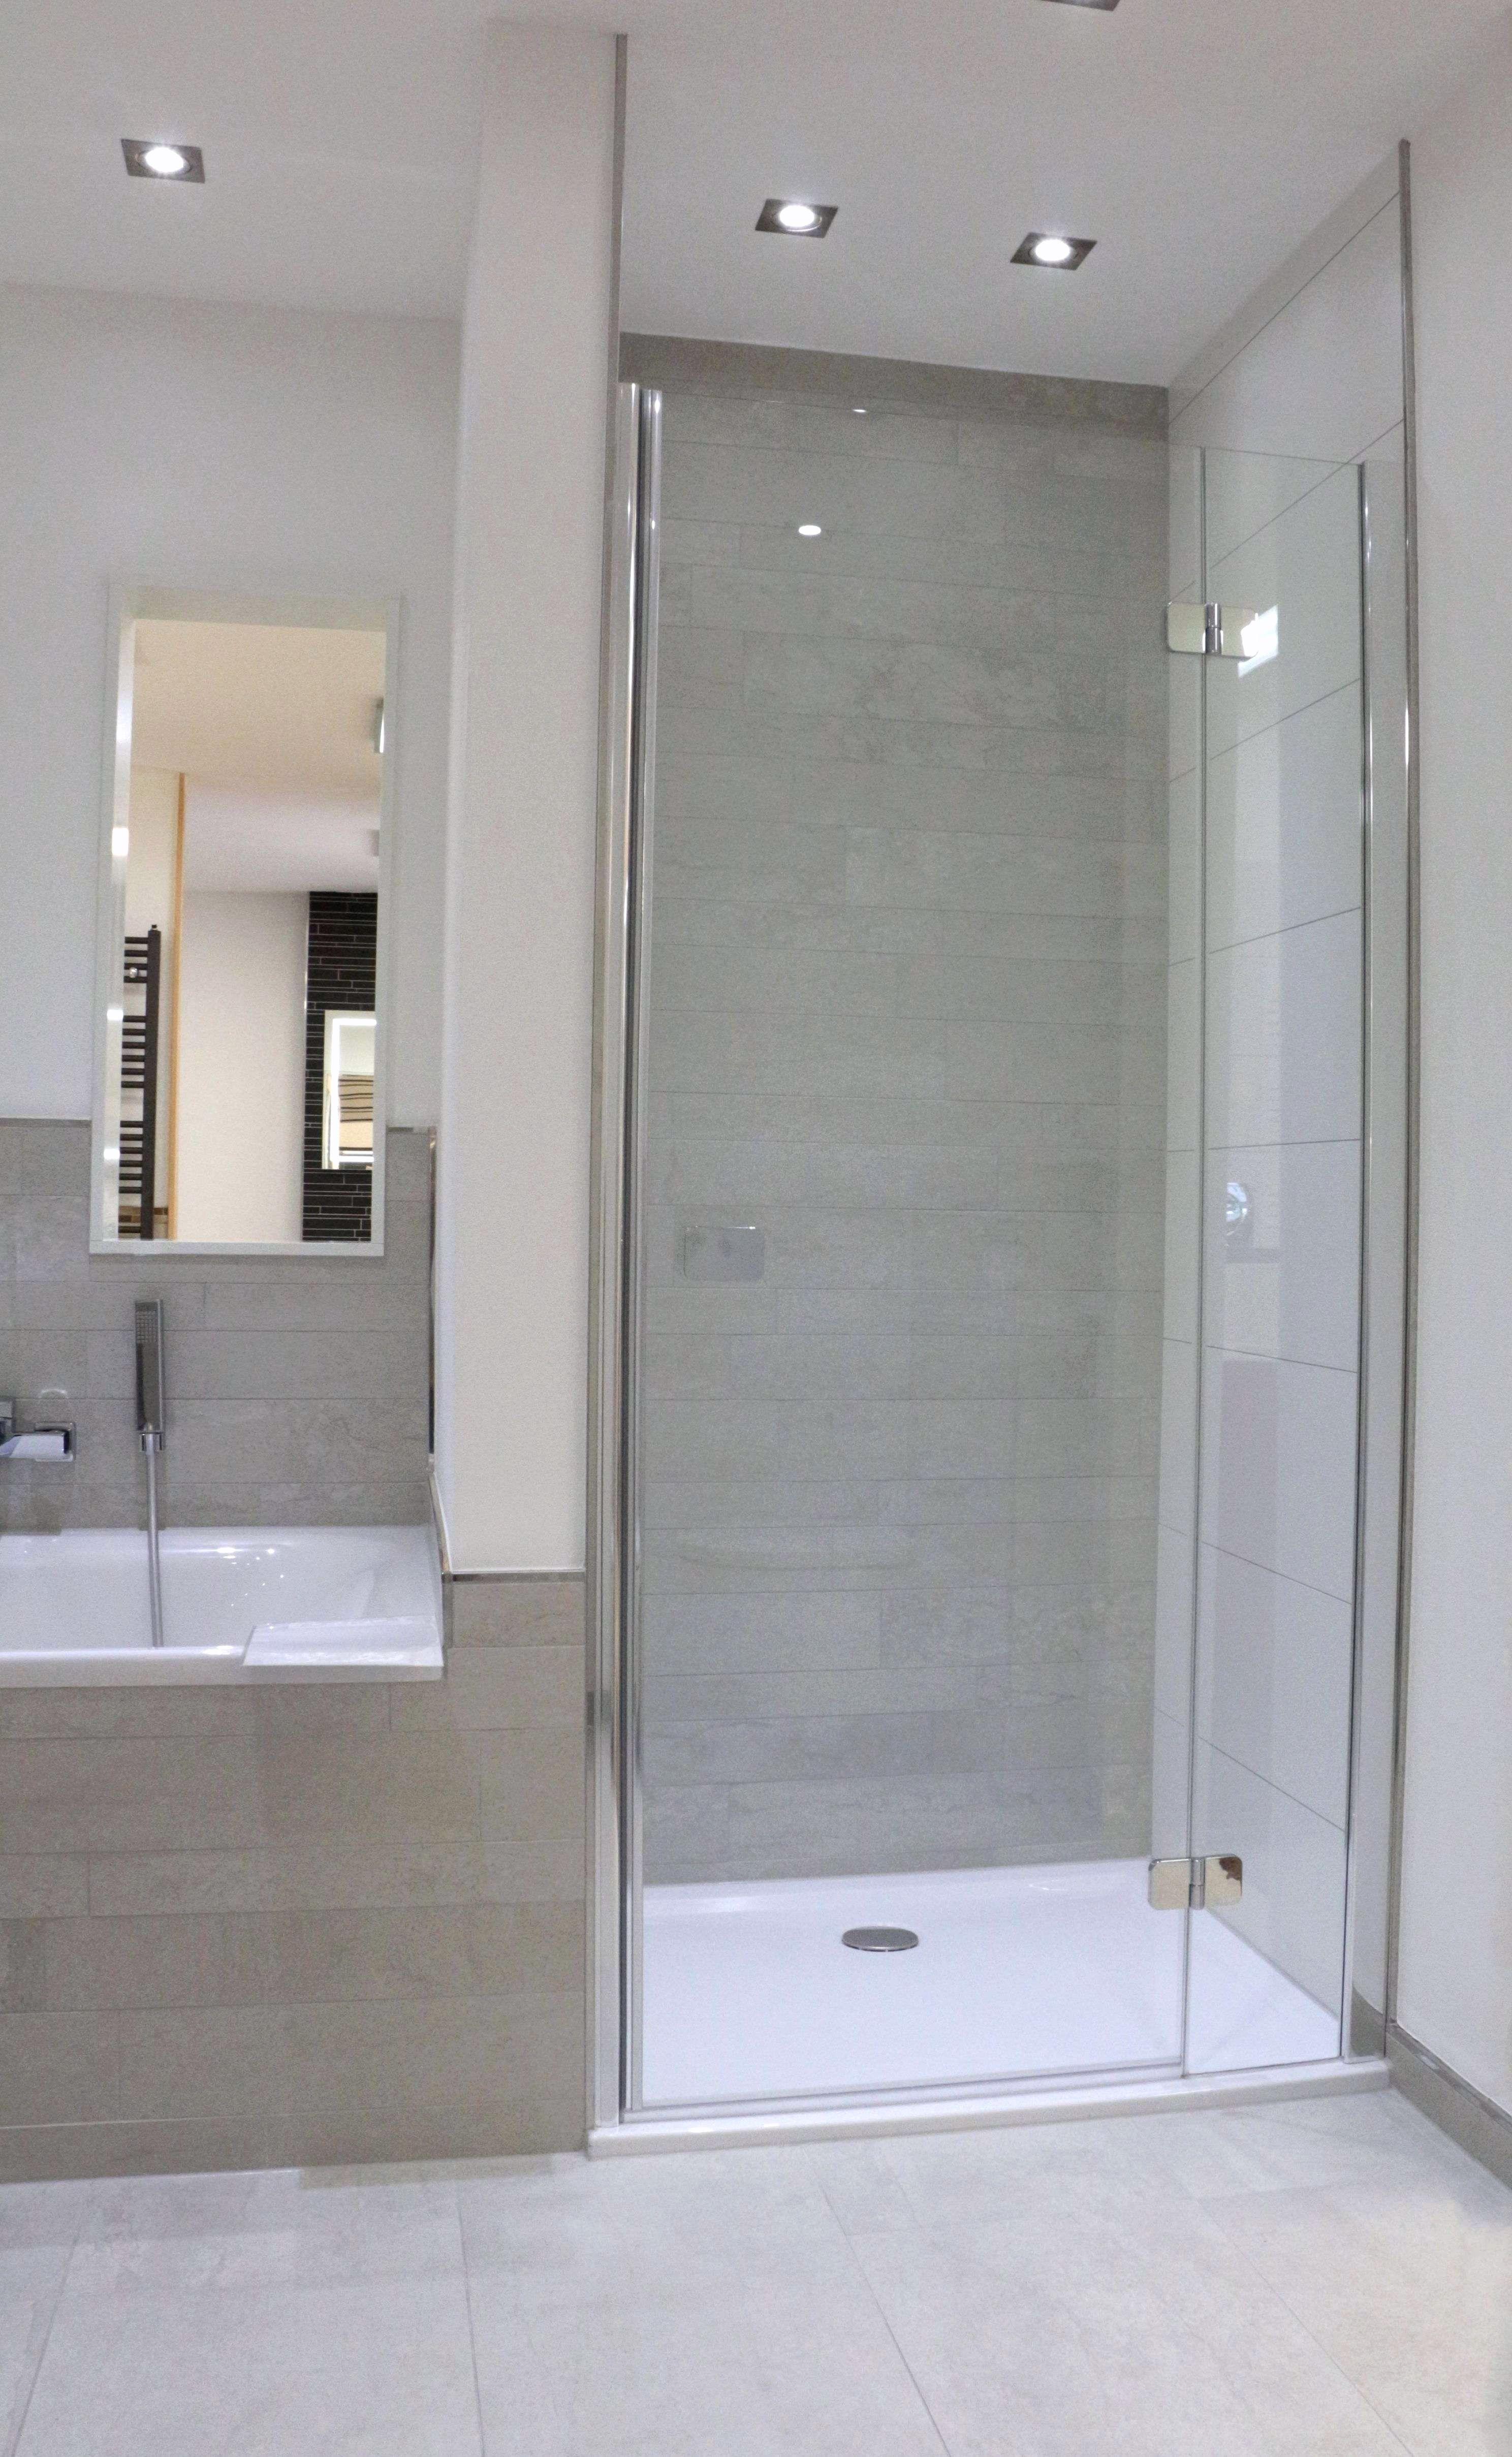 Badezimmer Mit Dusche Badezimmer Mit Dusche Badezimmer Mit Dusche Badsanierung Ohne Fliesen Fabe Badezimmer Neu Gestalten Badezimmer Badezimmer Fliesen Grau